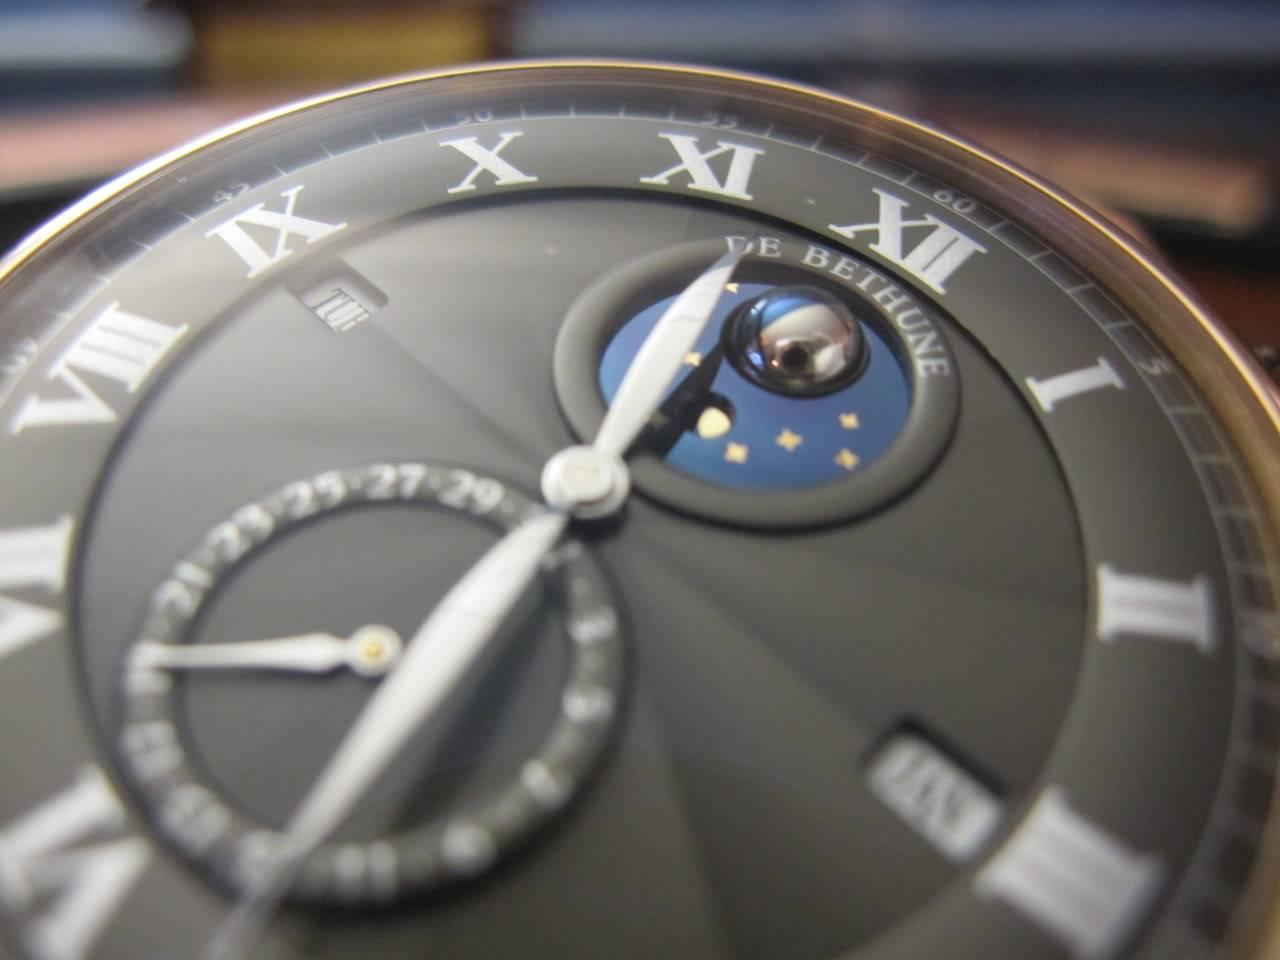 Où l'horlogerie devient art... (De Bethune inside) - Page 2 DB_SIHH2010_021